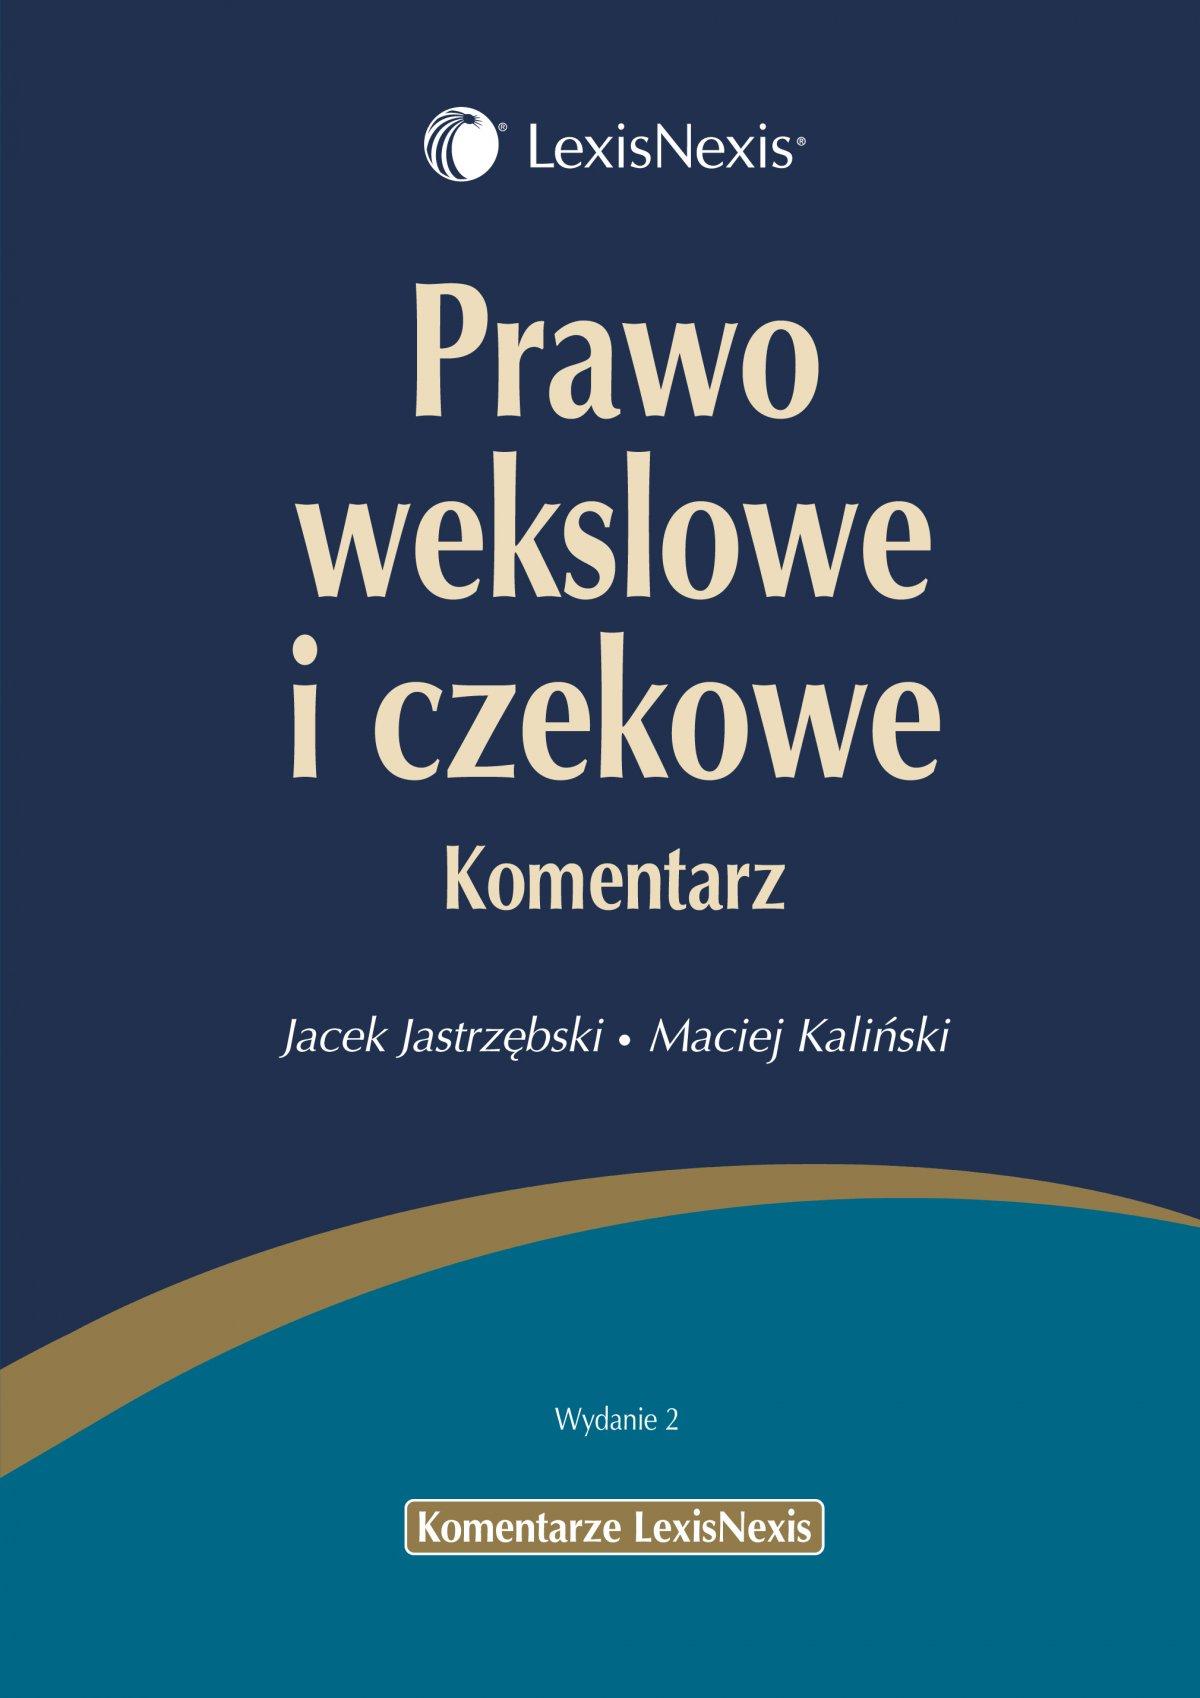 Prawo wekslowe i czekowe. Komentarz - Ebook (Książka PDF) do pobrania w formacie PDF